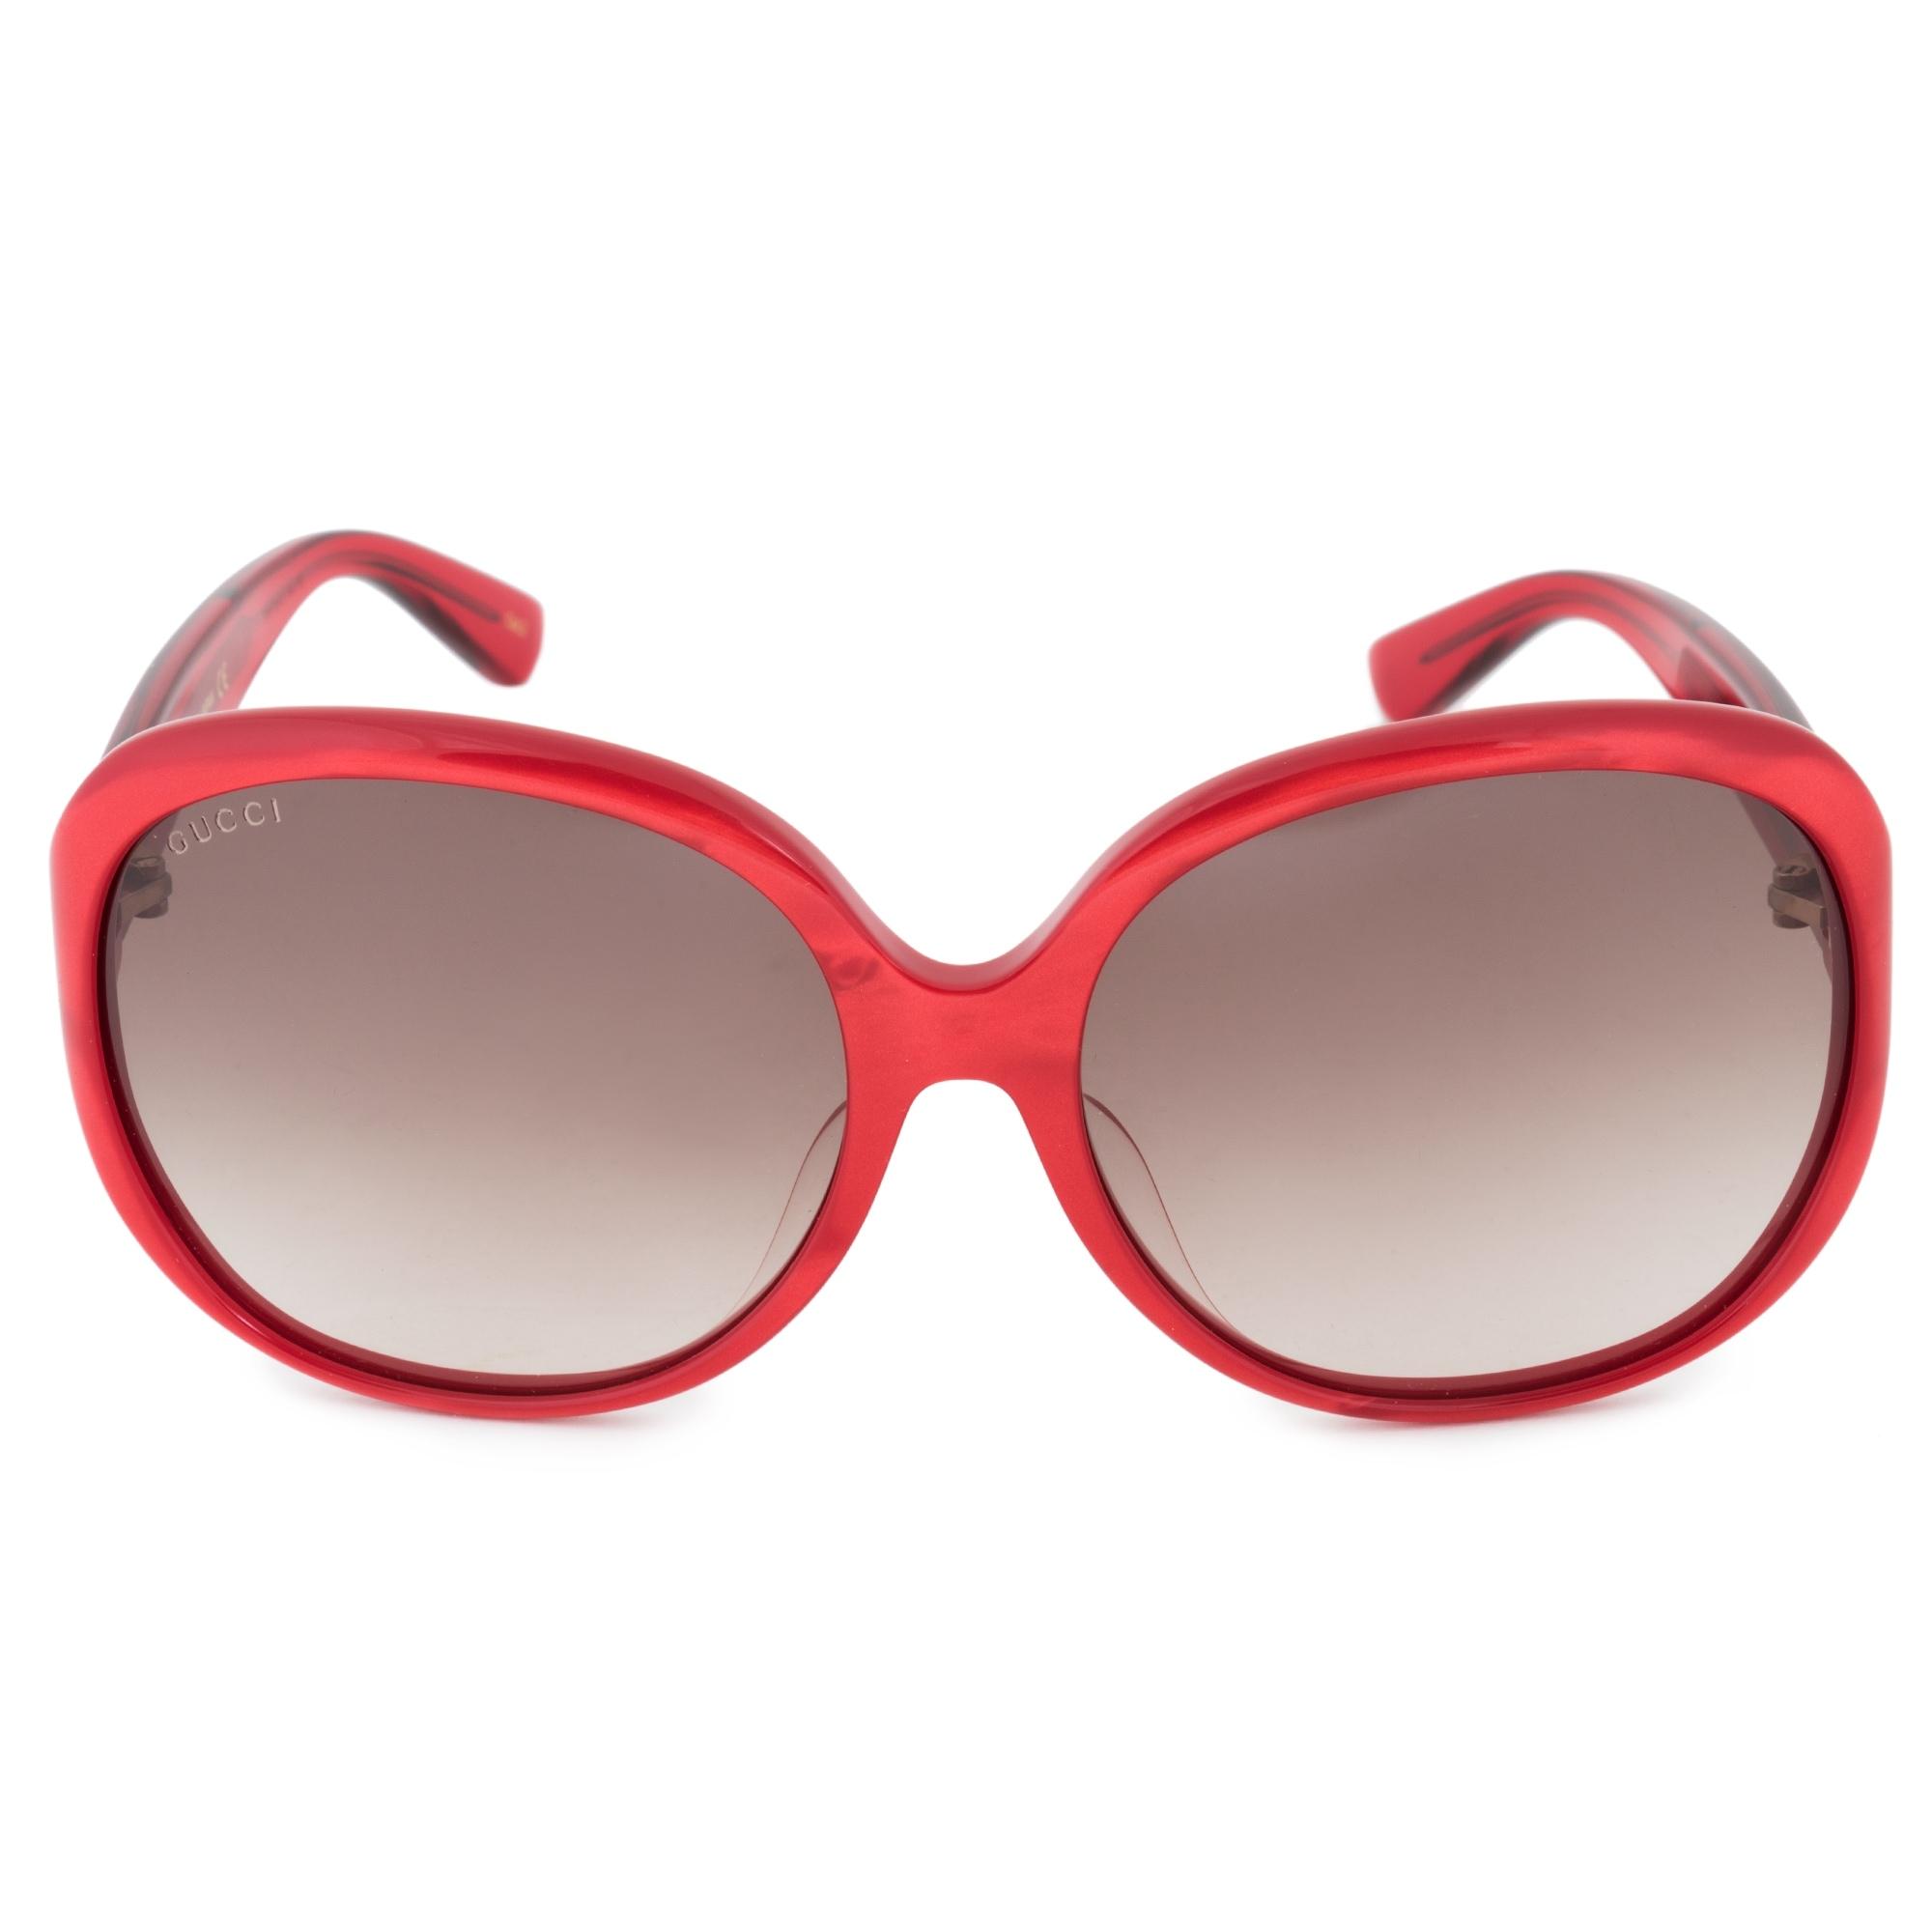 09eb7d384e Gucci Sunglasses